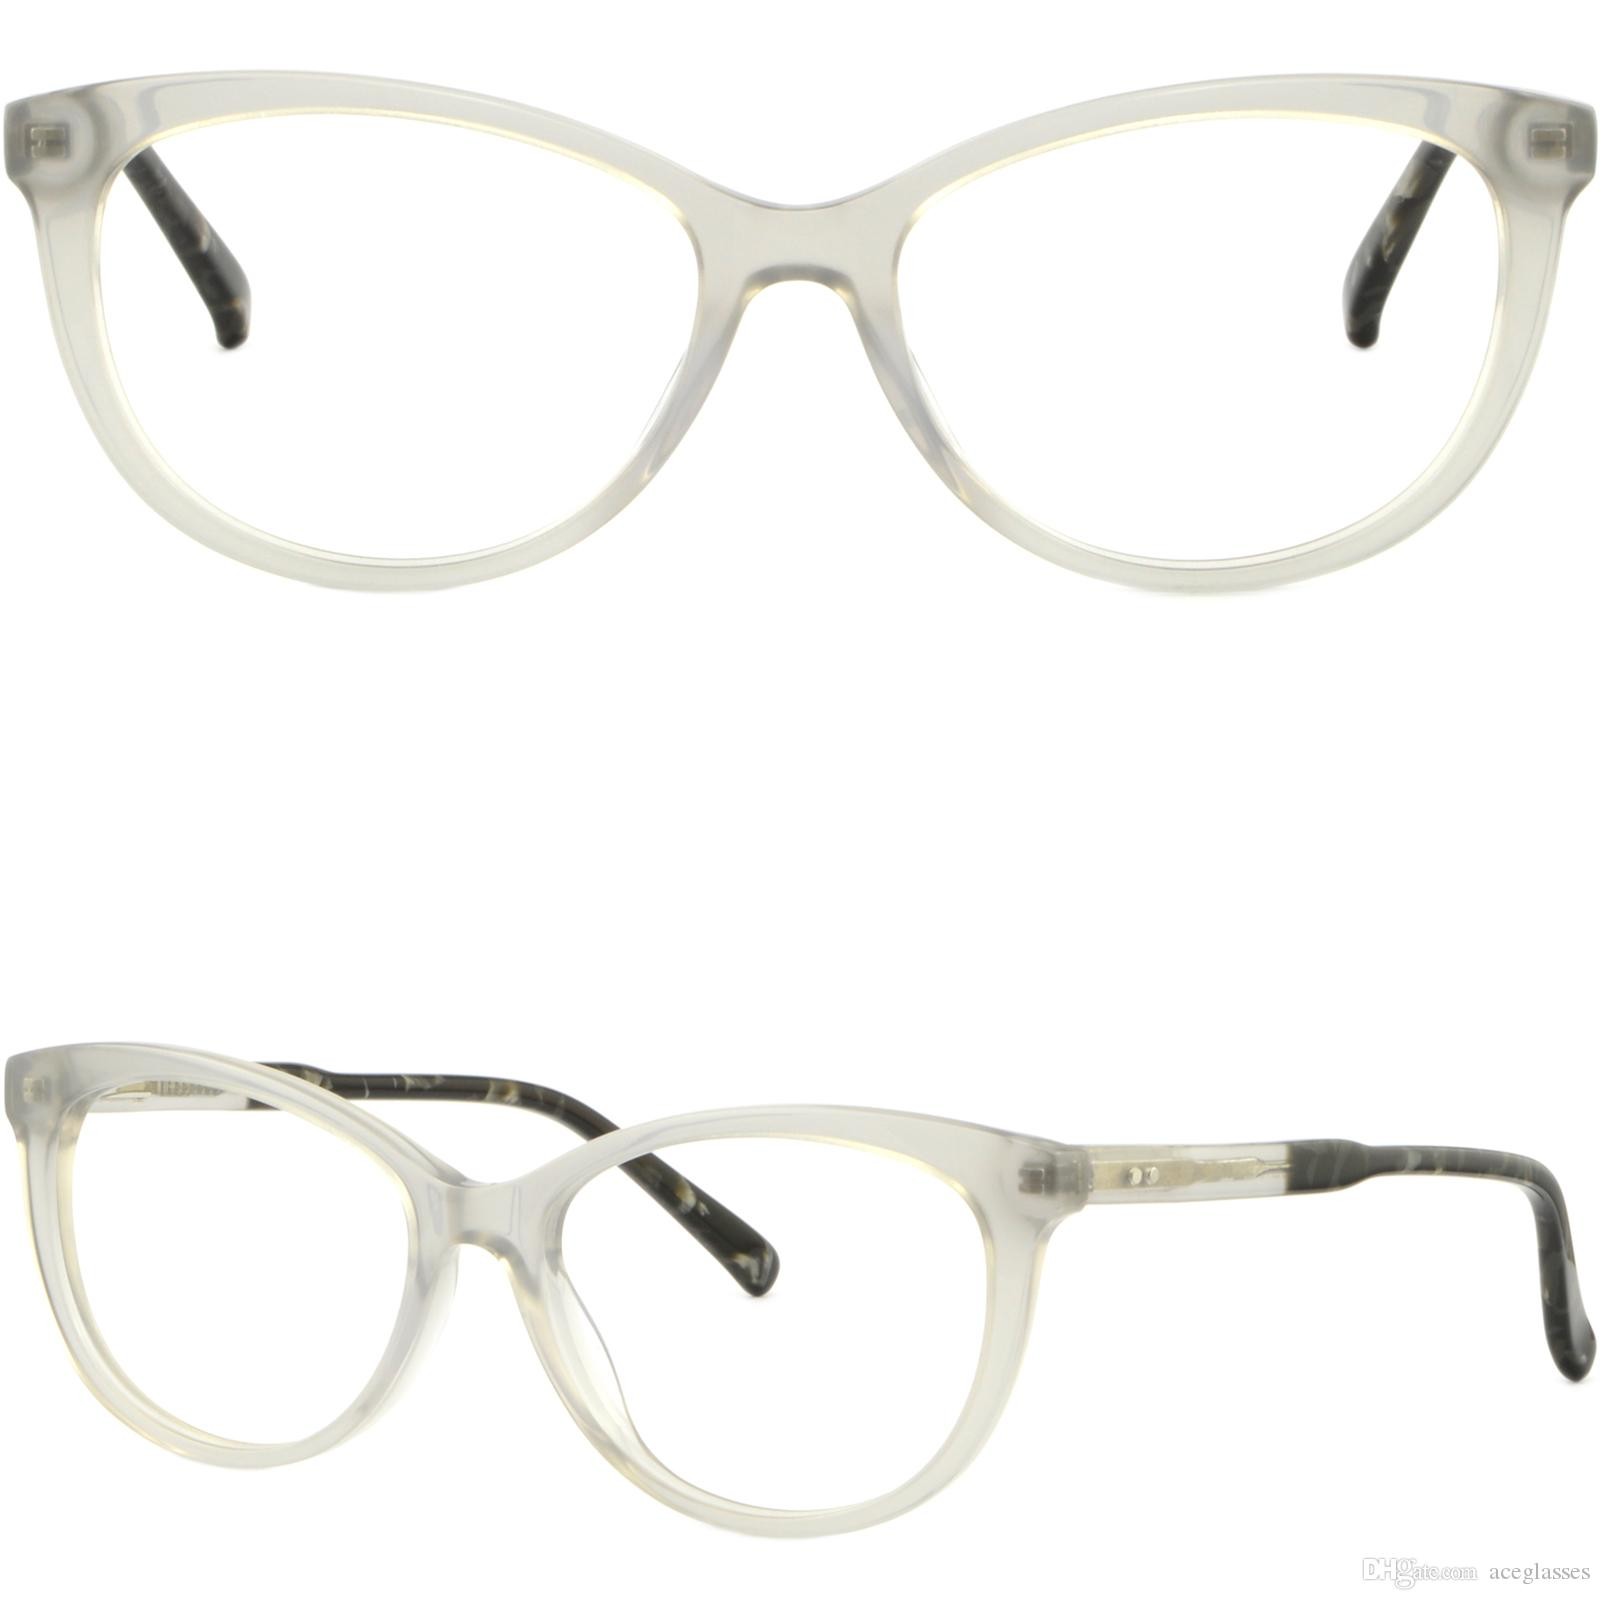 c74bccebe56 Full Rim Women Acetate Frames Prescription Glasses Sunglasses Gray Spring  Hinges Glasses Frame Online with  43.06 Piece on Aceglasses s Store